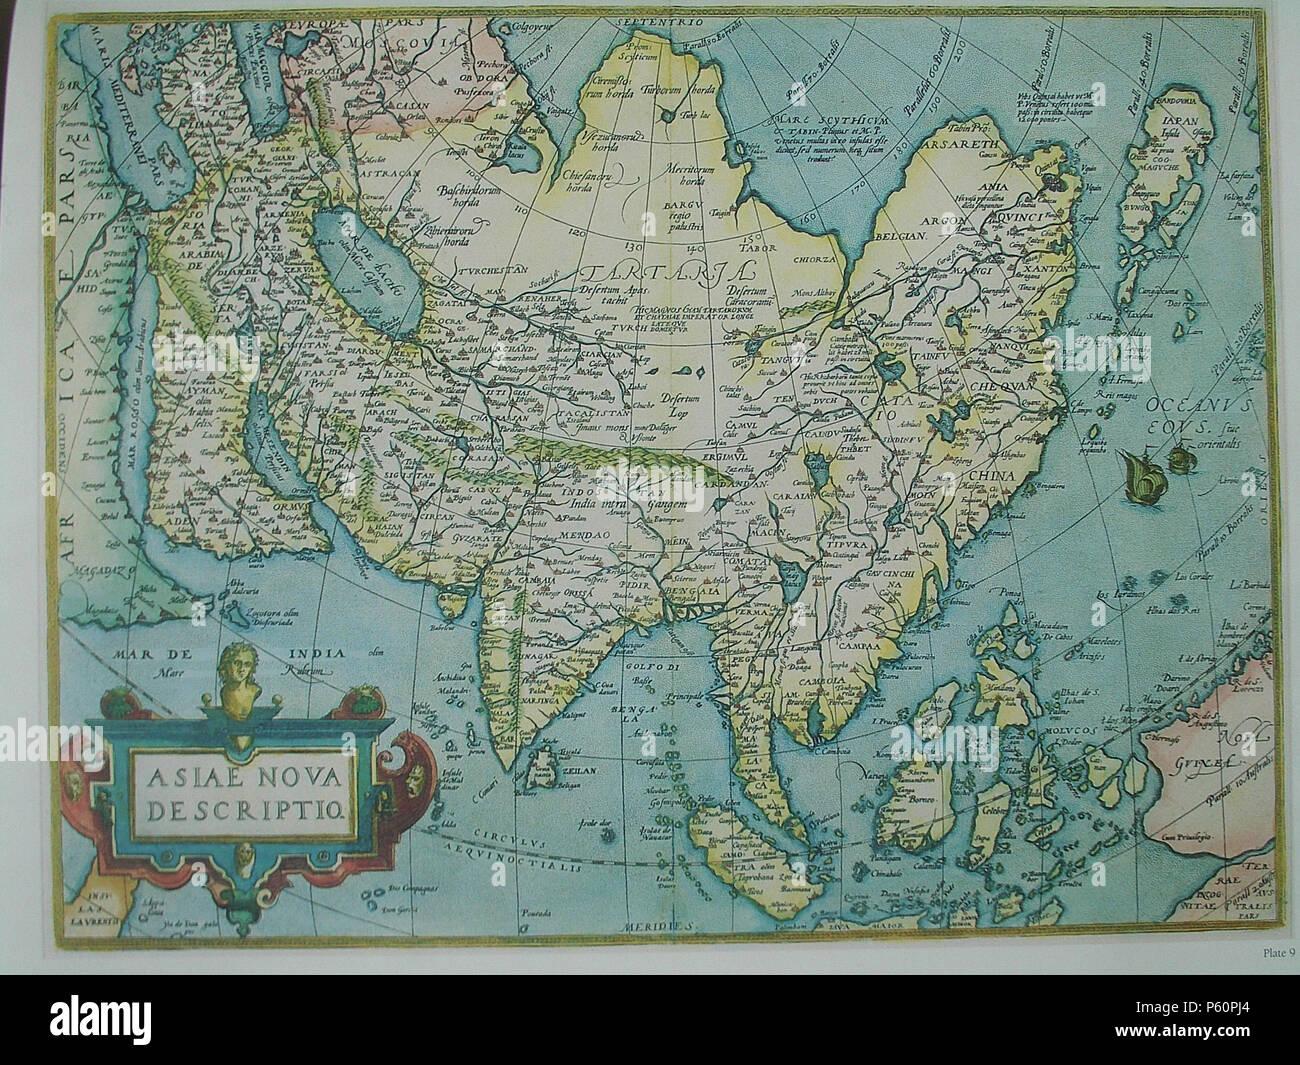 Landkarte Asien Ohne Namen.Ortelius Karte Von Asien Stockfotos Ortelius Karte Von